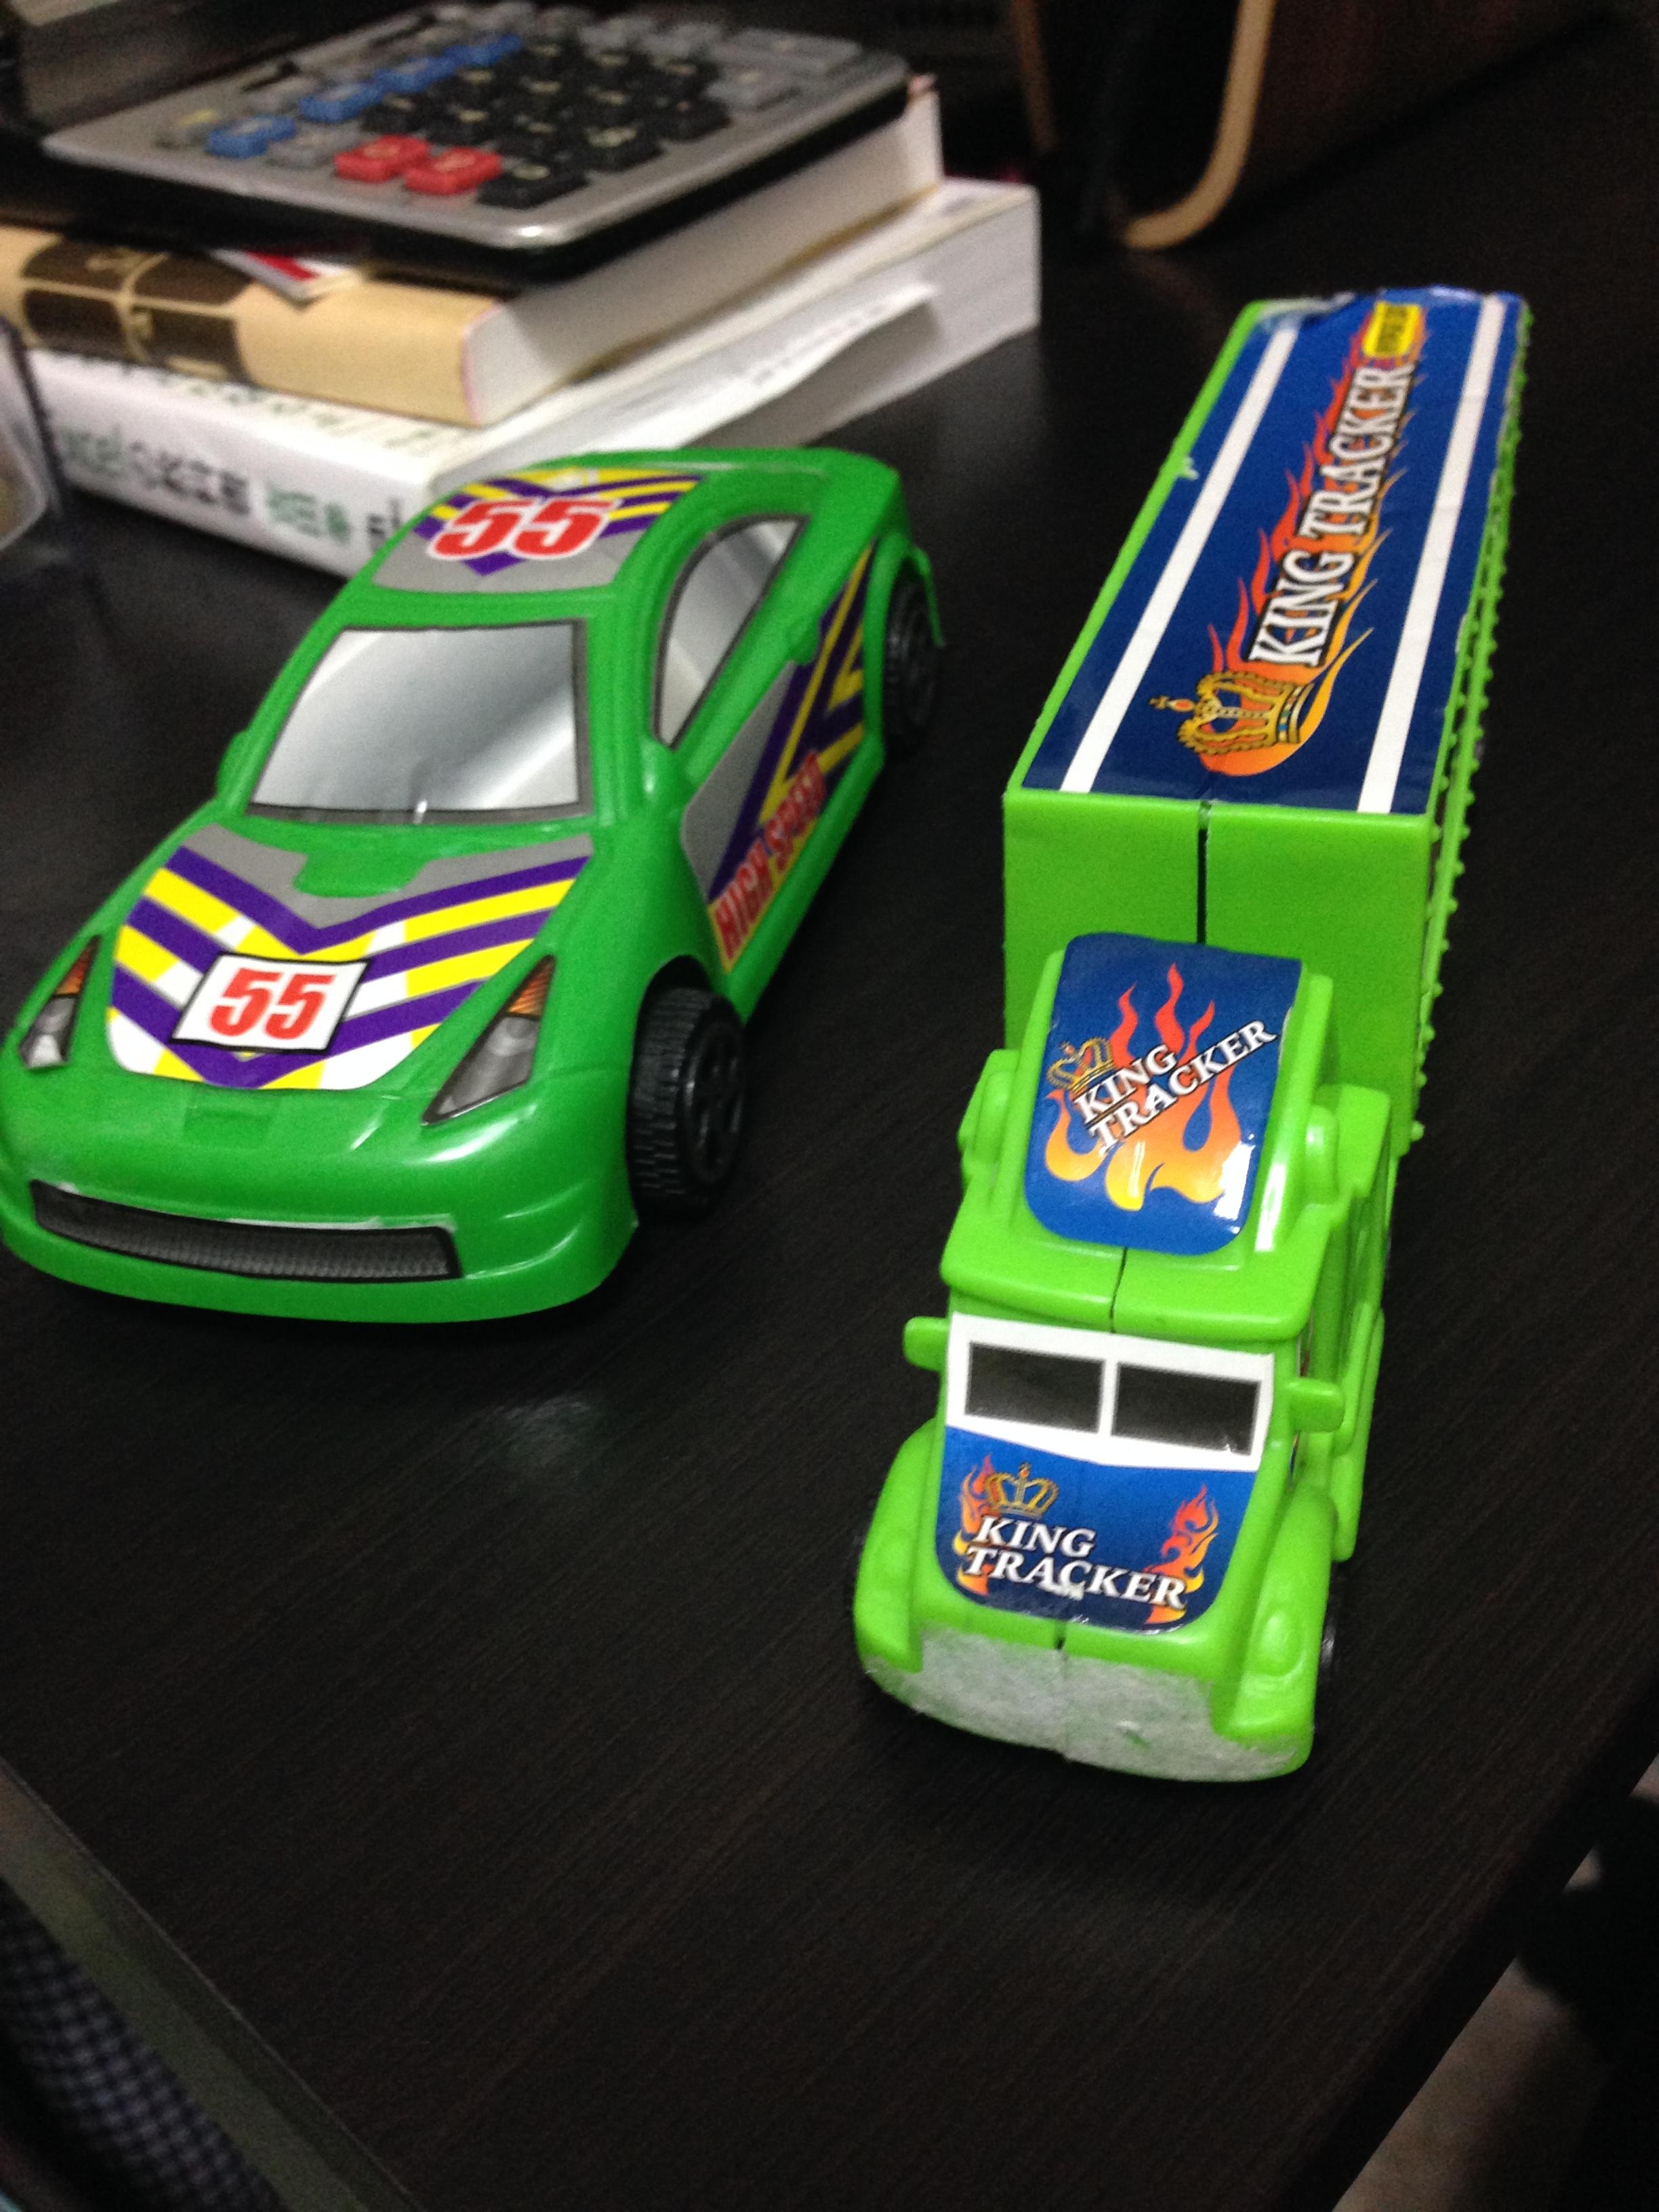 日高屋のお子様セットが安い!290円でジュース、おもちゃも!